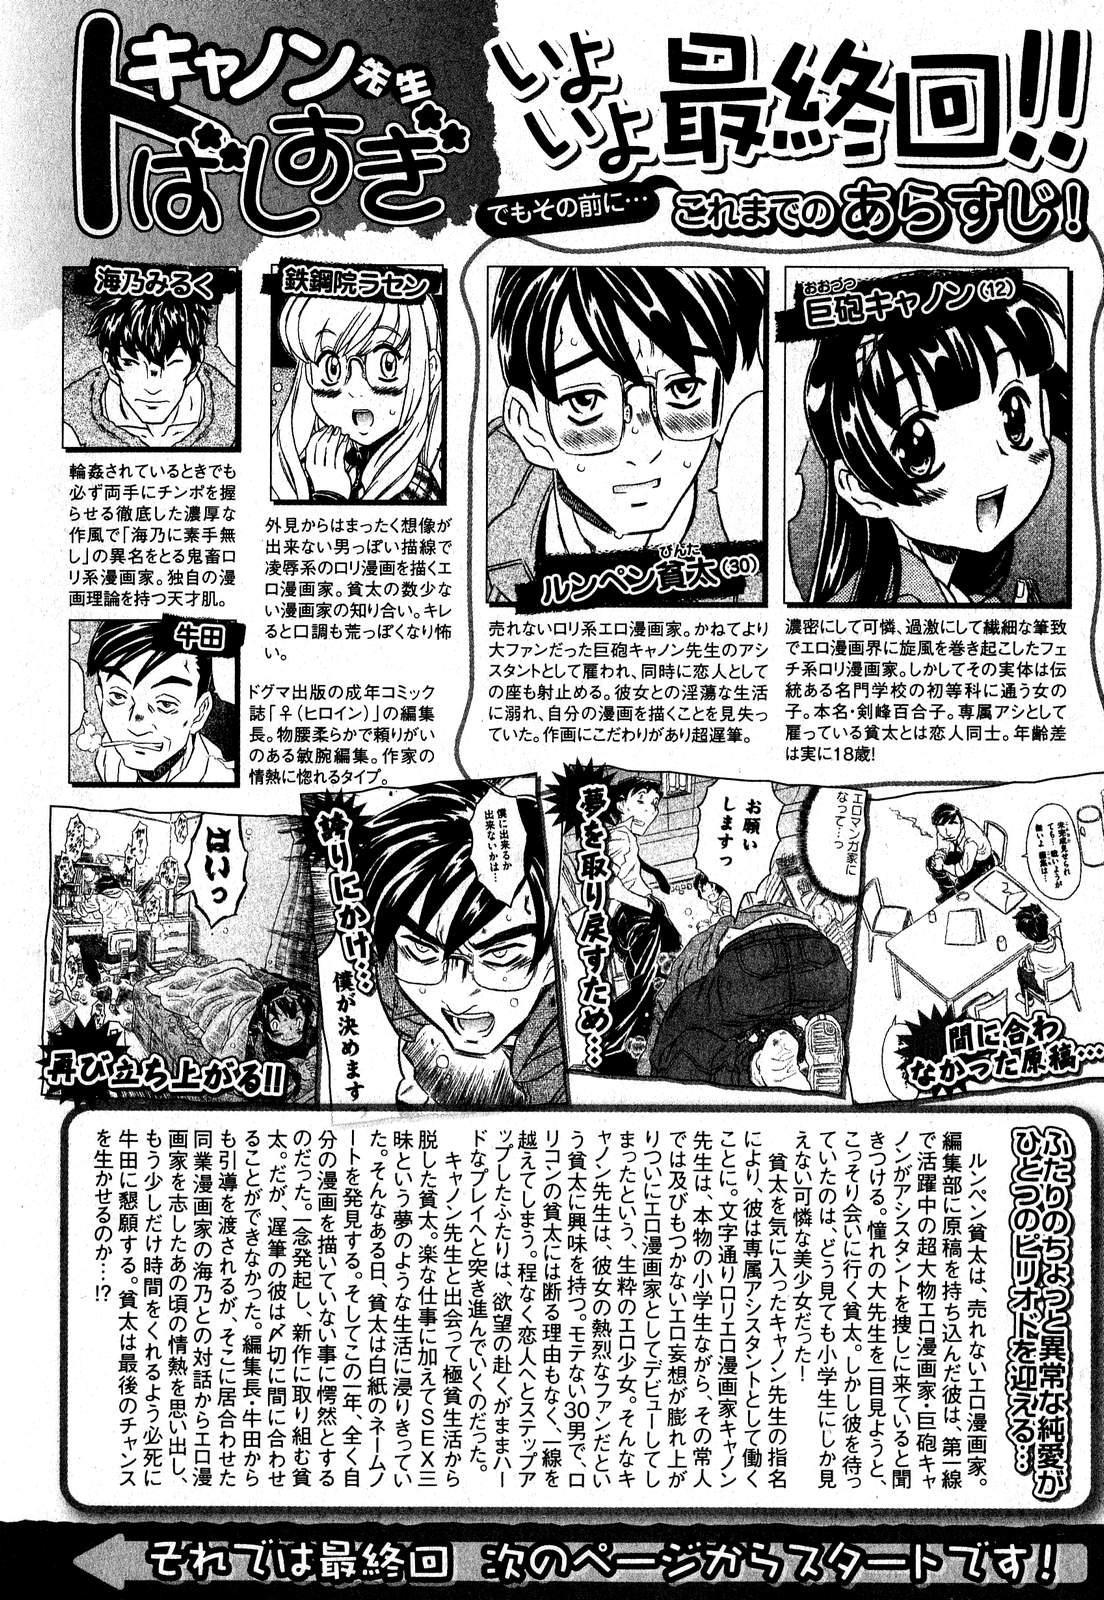 COMIC XO 2007-09 Vol. 16 29